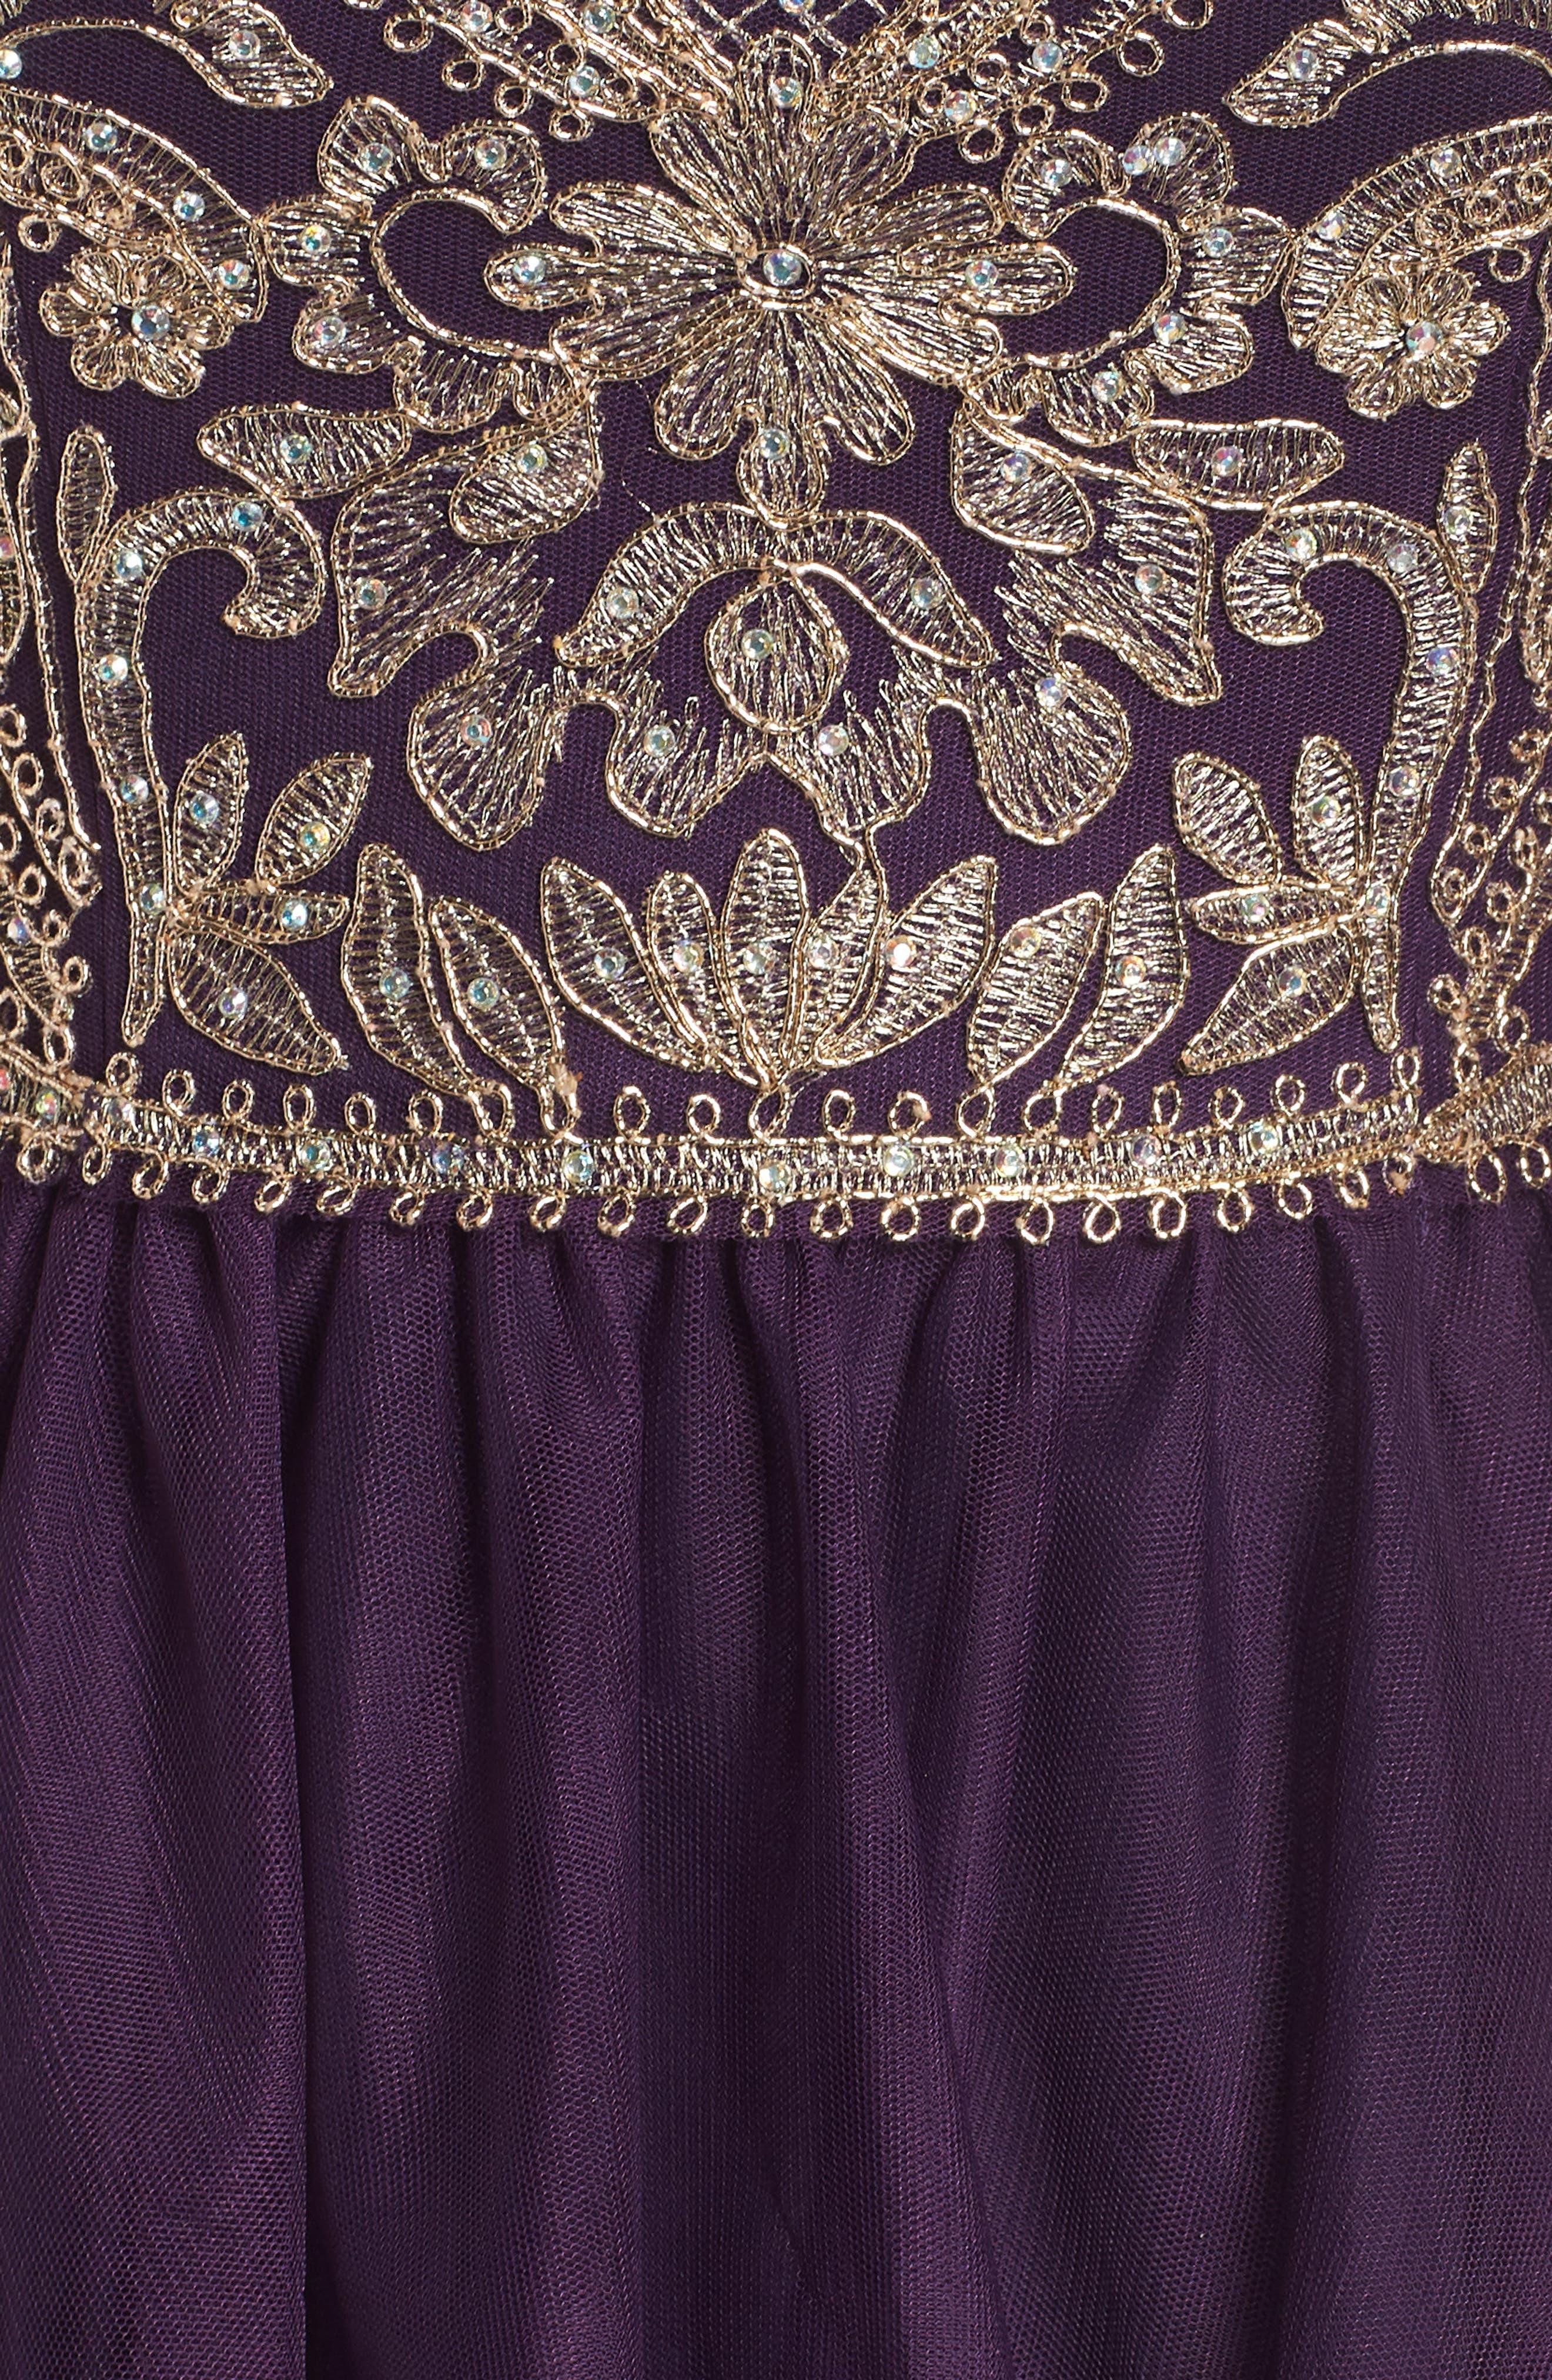 BLONDIE NITES,                             High Neck Appliqué Fit & Flare Dress,                             Alternate thumbnail 6, color,                             522